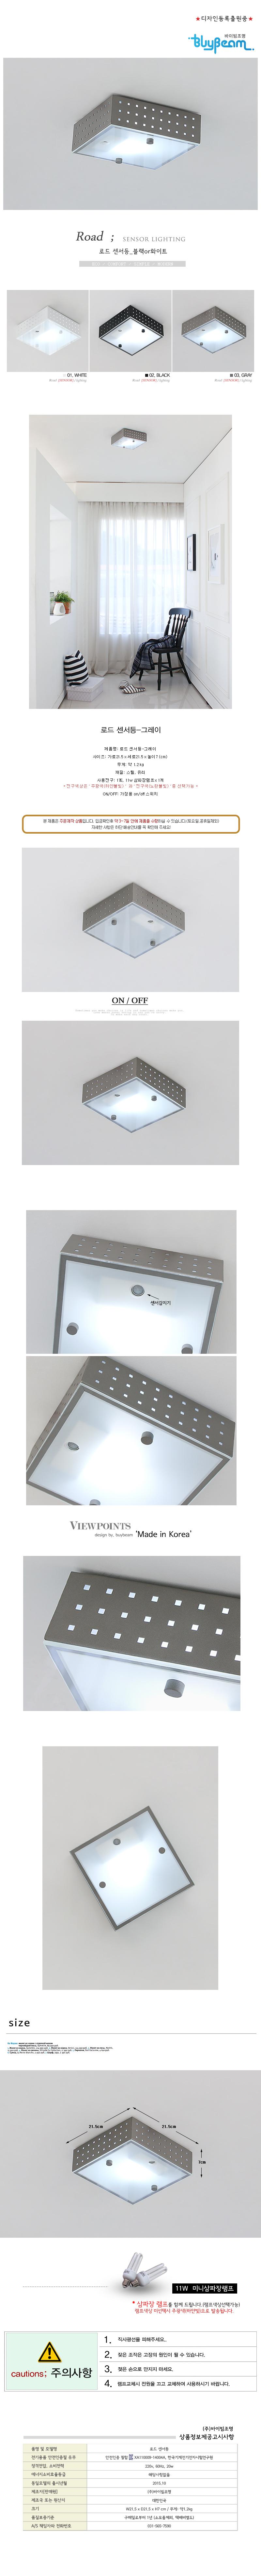 로드 센서등-그레이 - 바이빔, 44,000원, 포인트조명, 센서조명